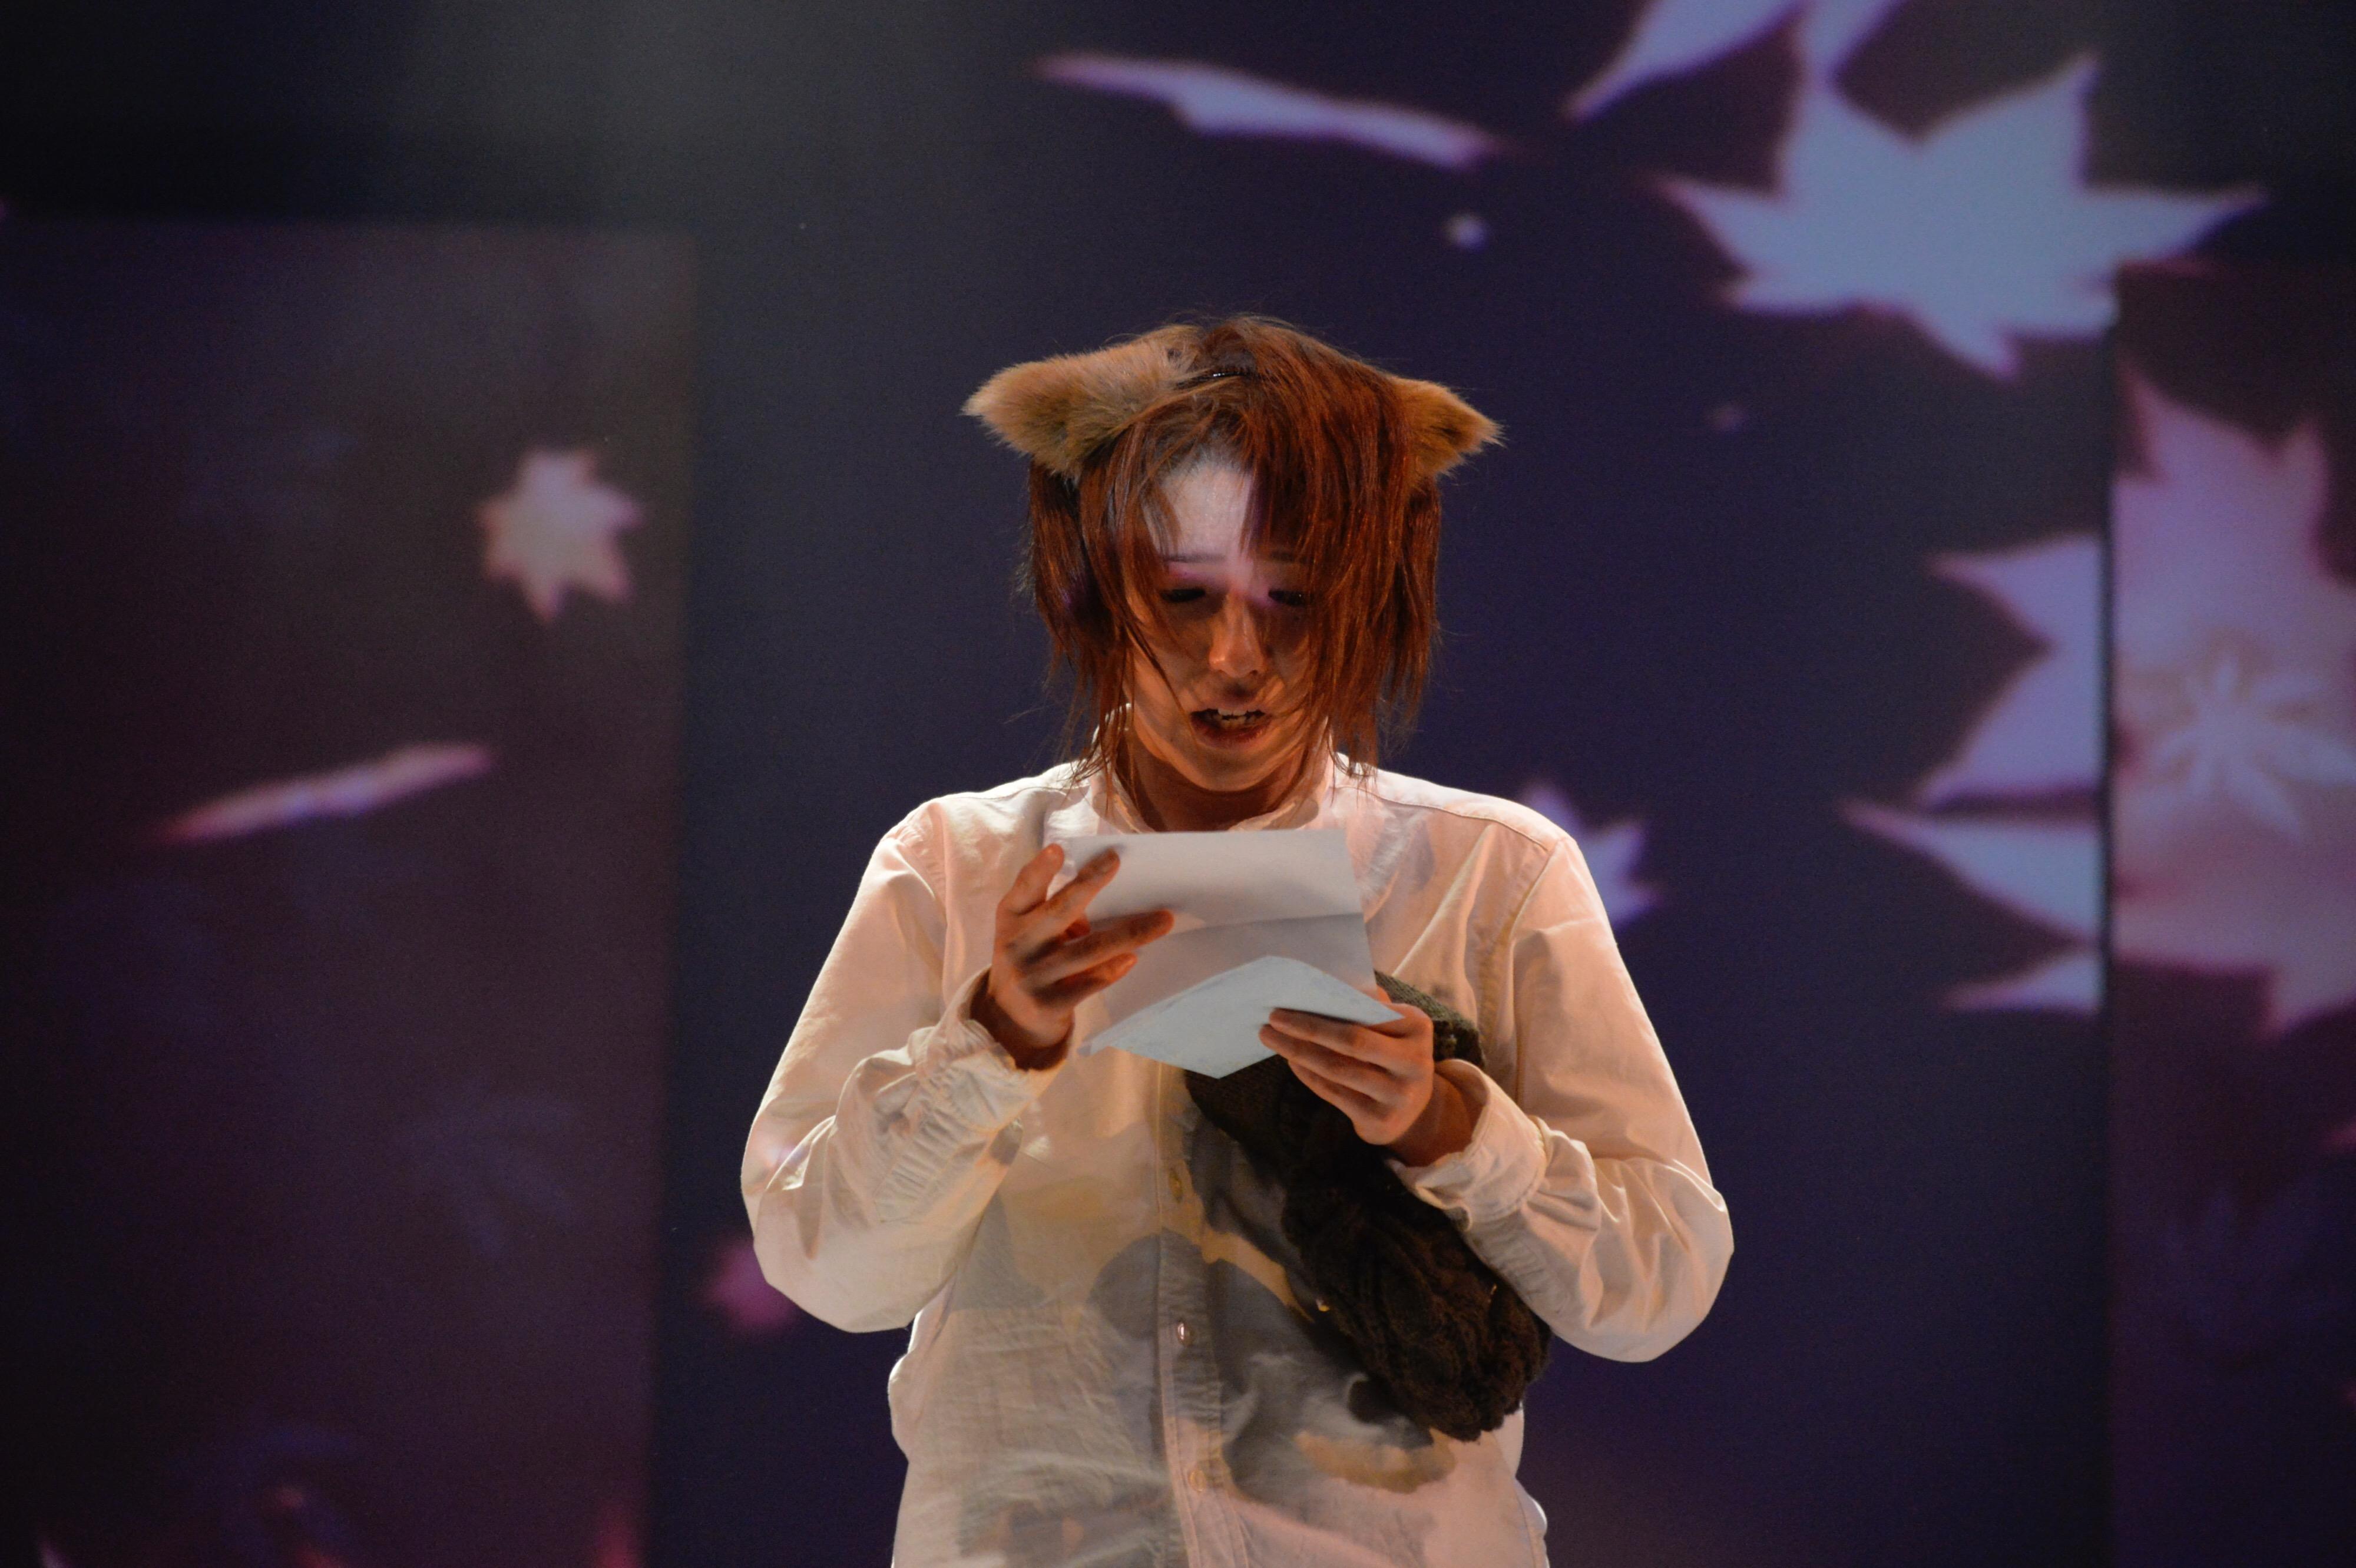 第13回公演「華」Prologue2『言-彩演-』